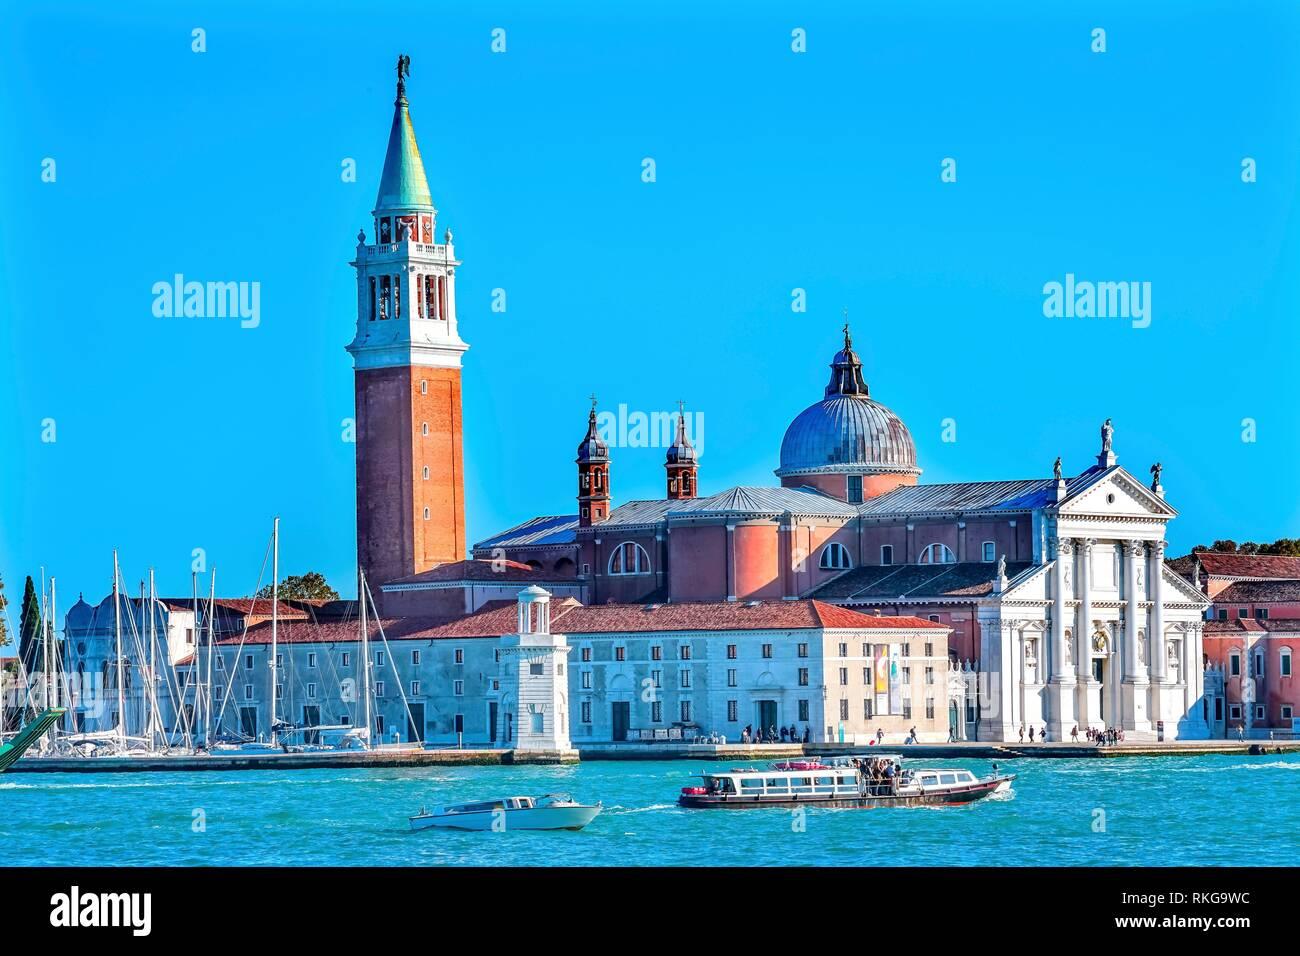 San Giorgio Maggiore Church Grand Canal Boats Venice Italy. 16th Century Benedictine Church on Island Venice Lagoon. Stock Photo